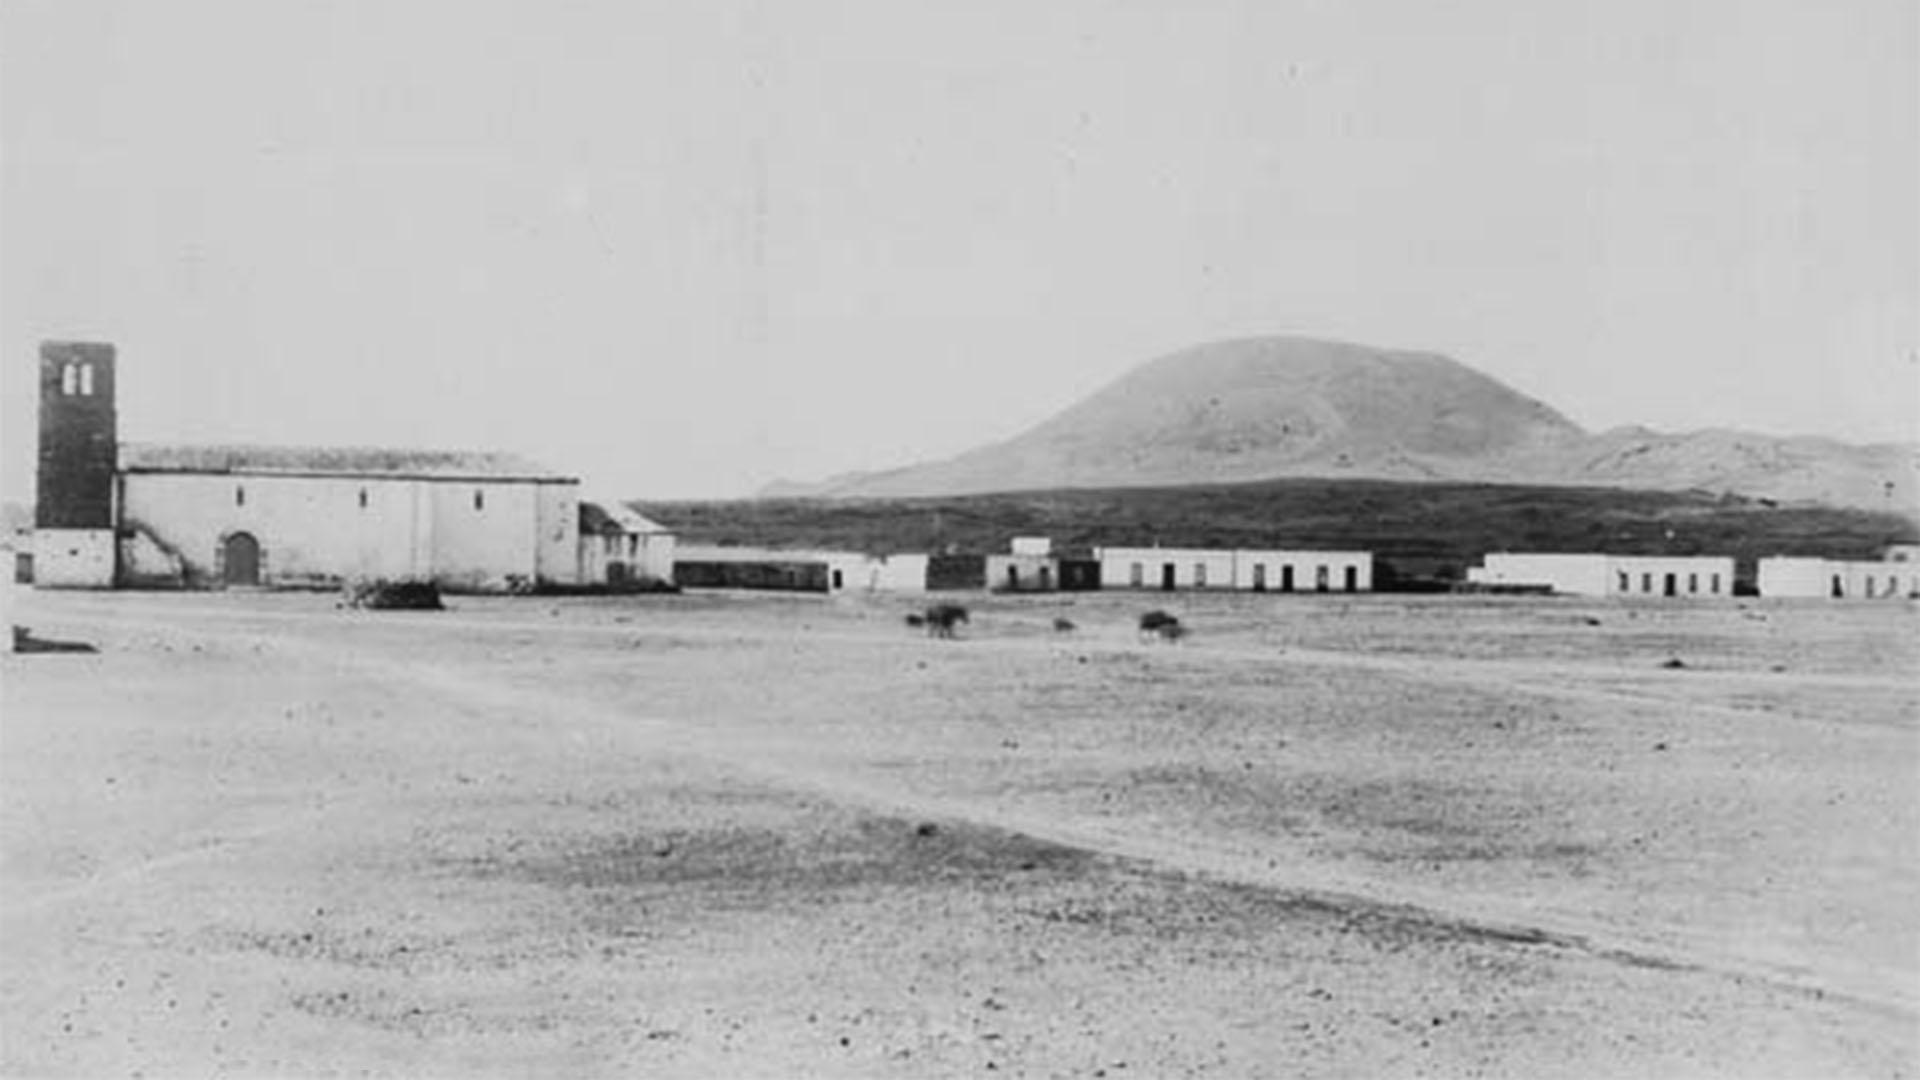 Der Ort La Oliva Fuertventura: La Oliva um das Jahr 1891.